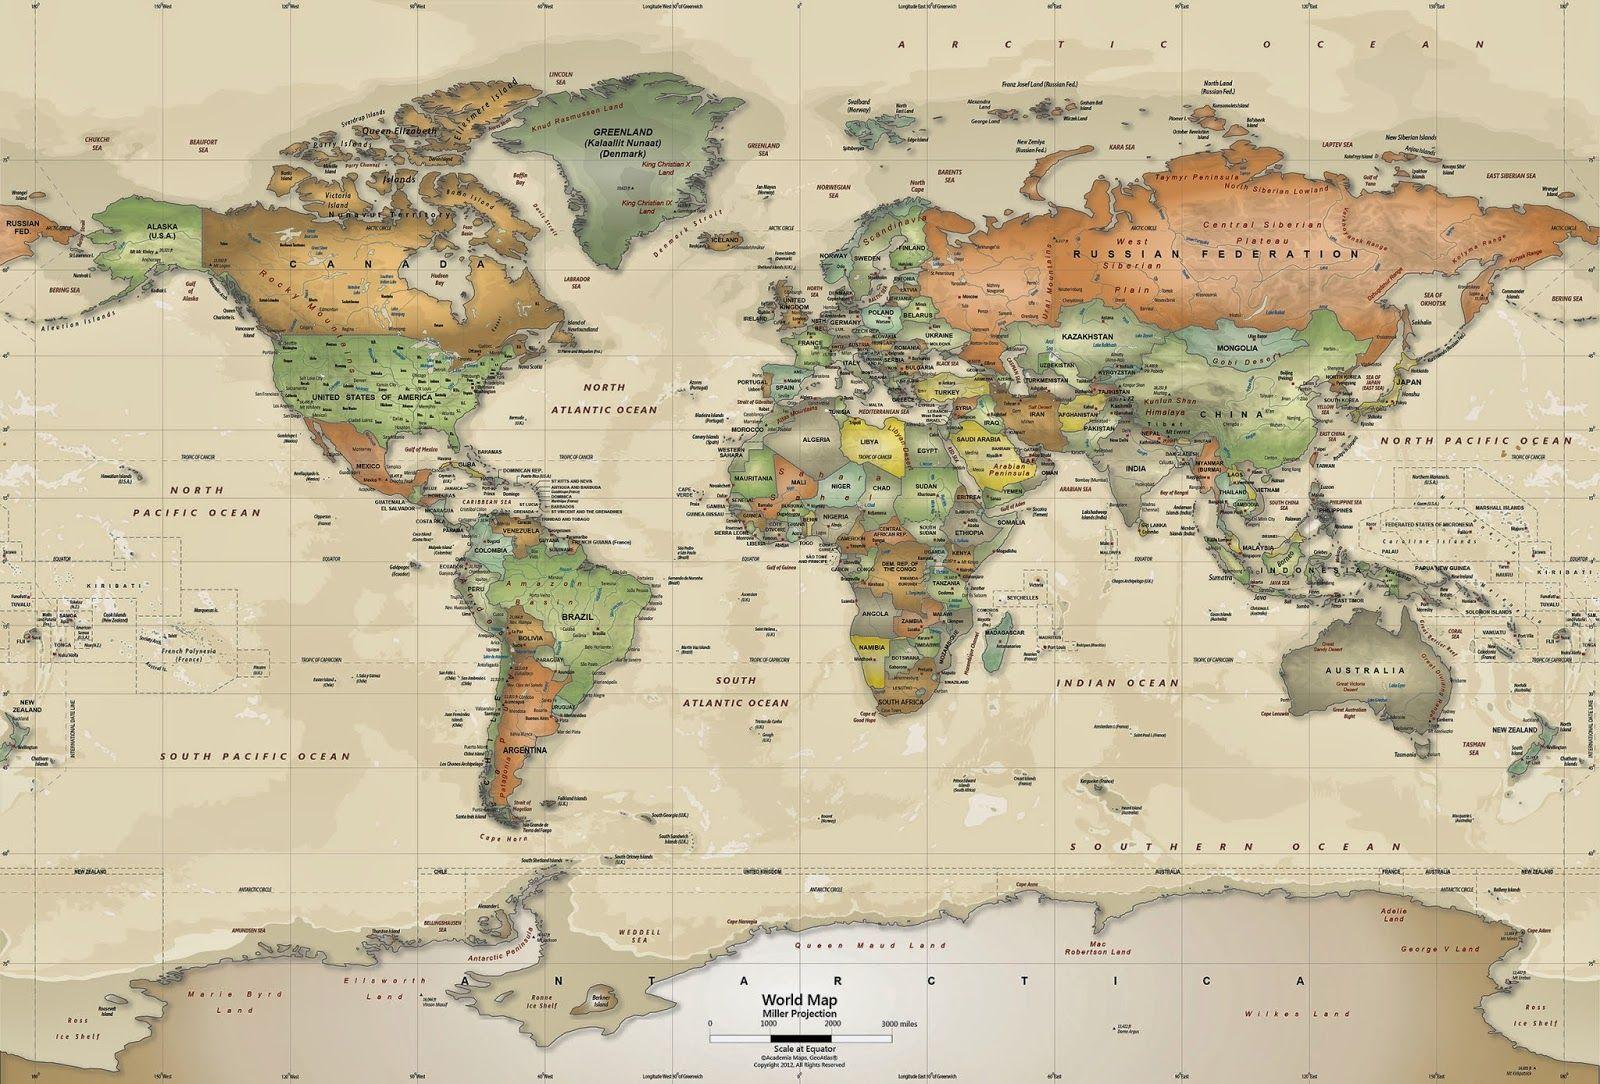 World Map Wallpaper Murals Wallpaper HD Wallpapers Pinterest - United states wallpaper map